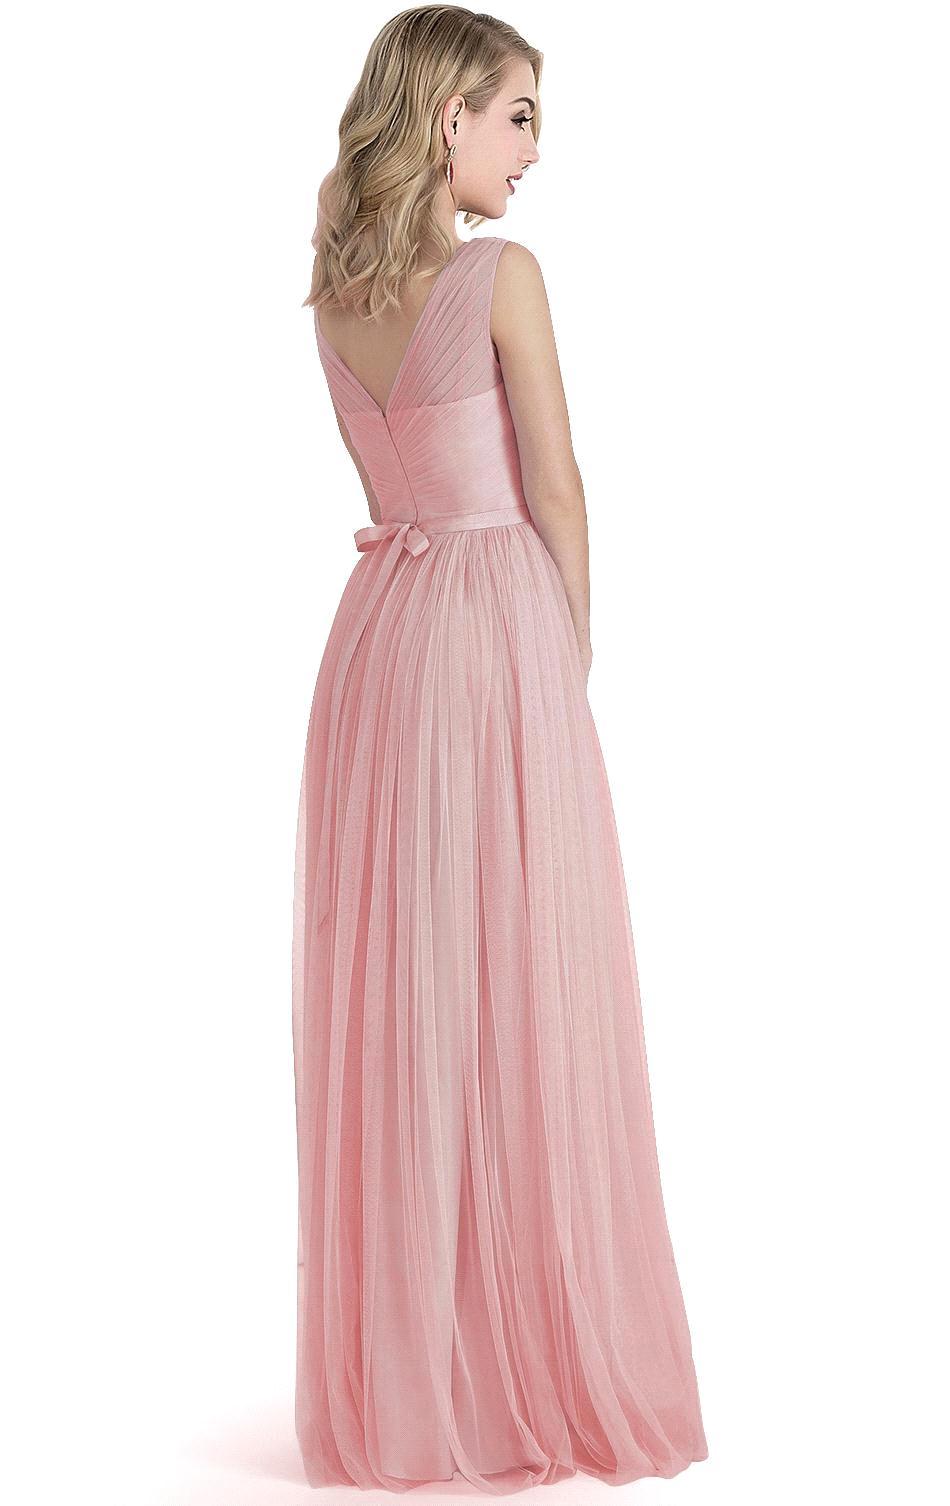 Lujo Vestidos De Dama De Color Turquesa Del Reino Unido Ornamento ...